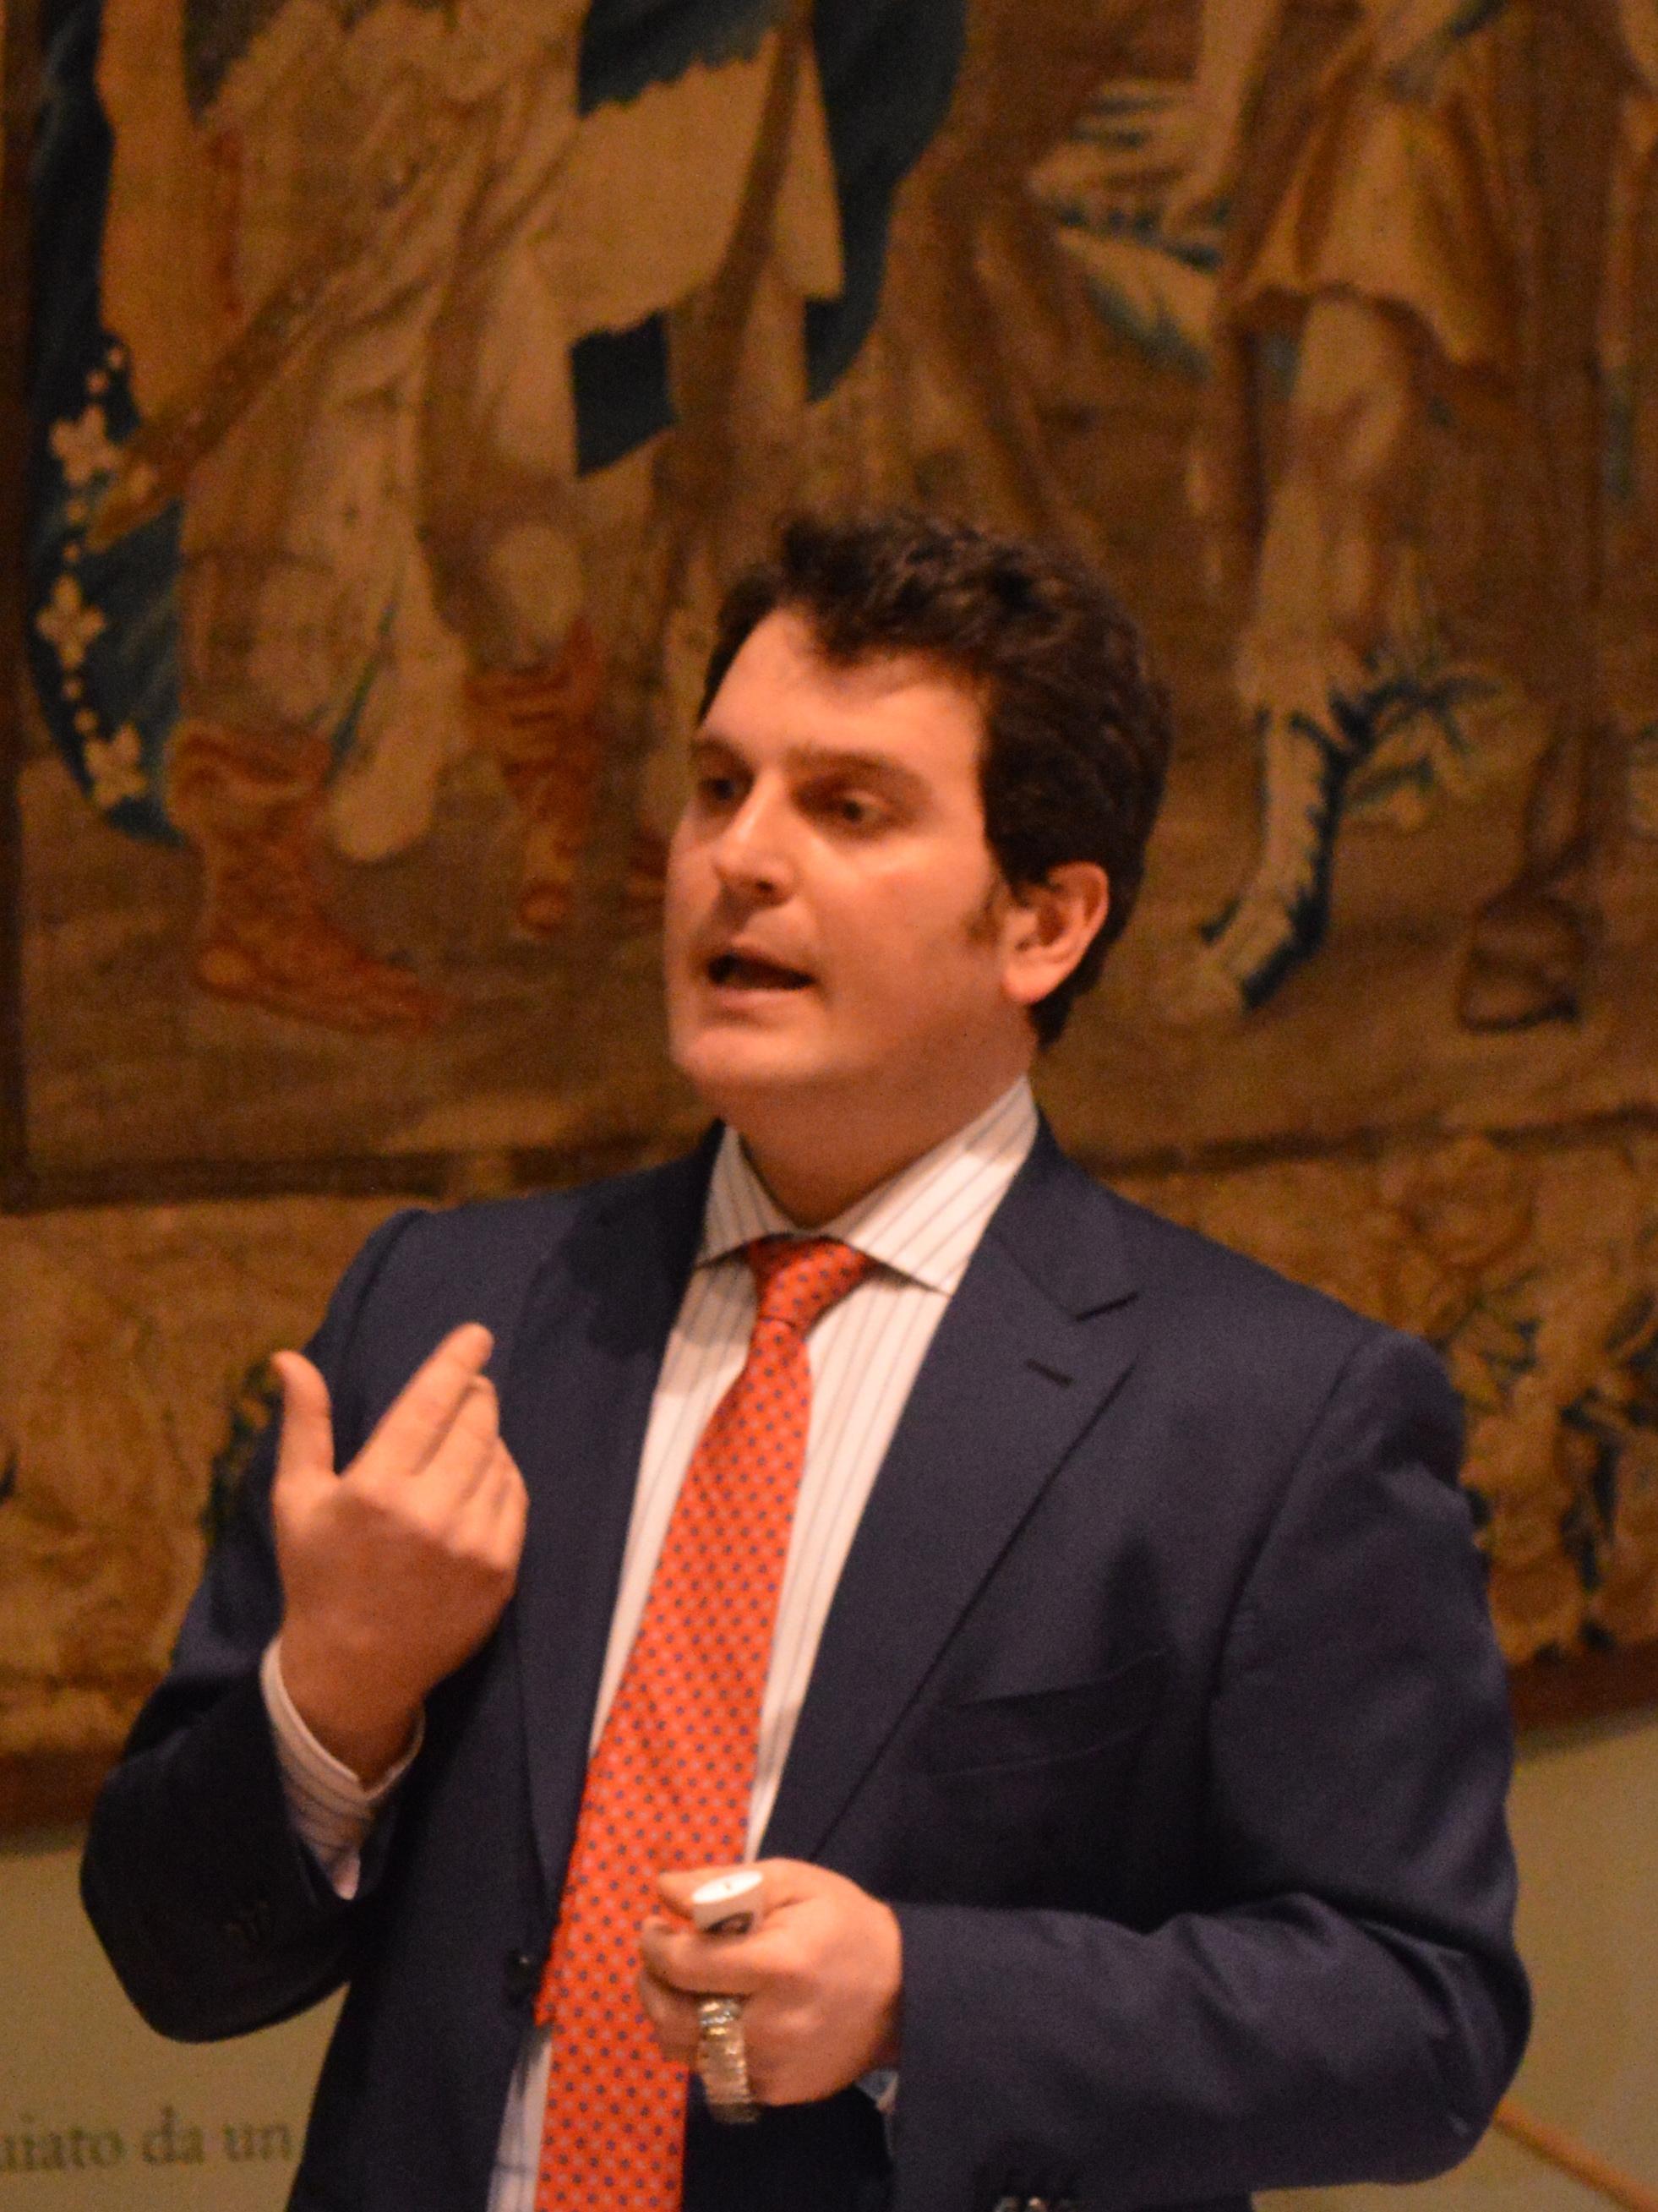 Giuseppe ROTOLO